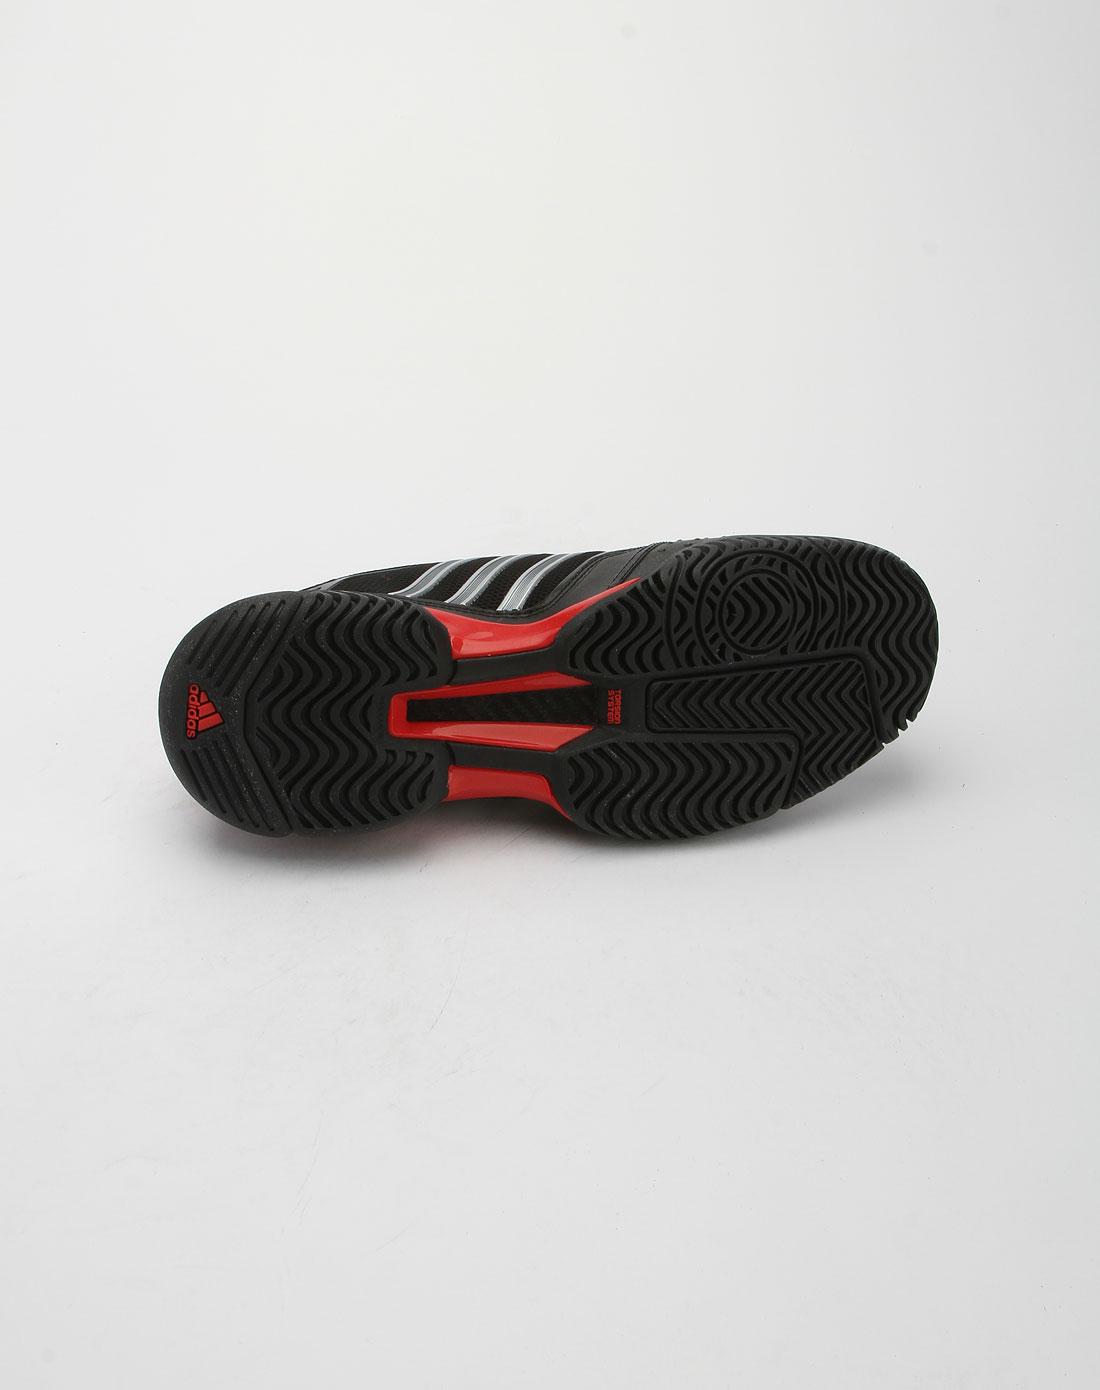 阿迪达斯adidas黑红拼金属银色网球运动鞋u44390